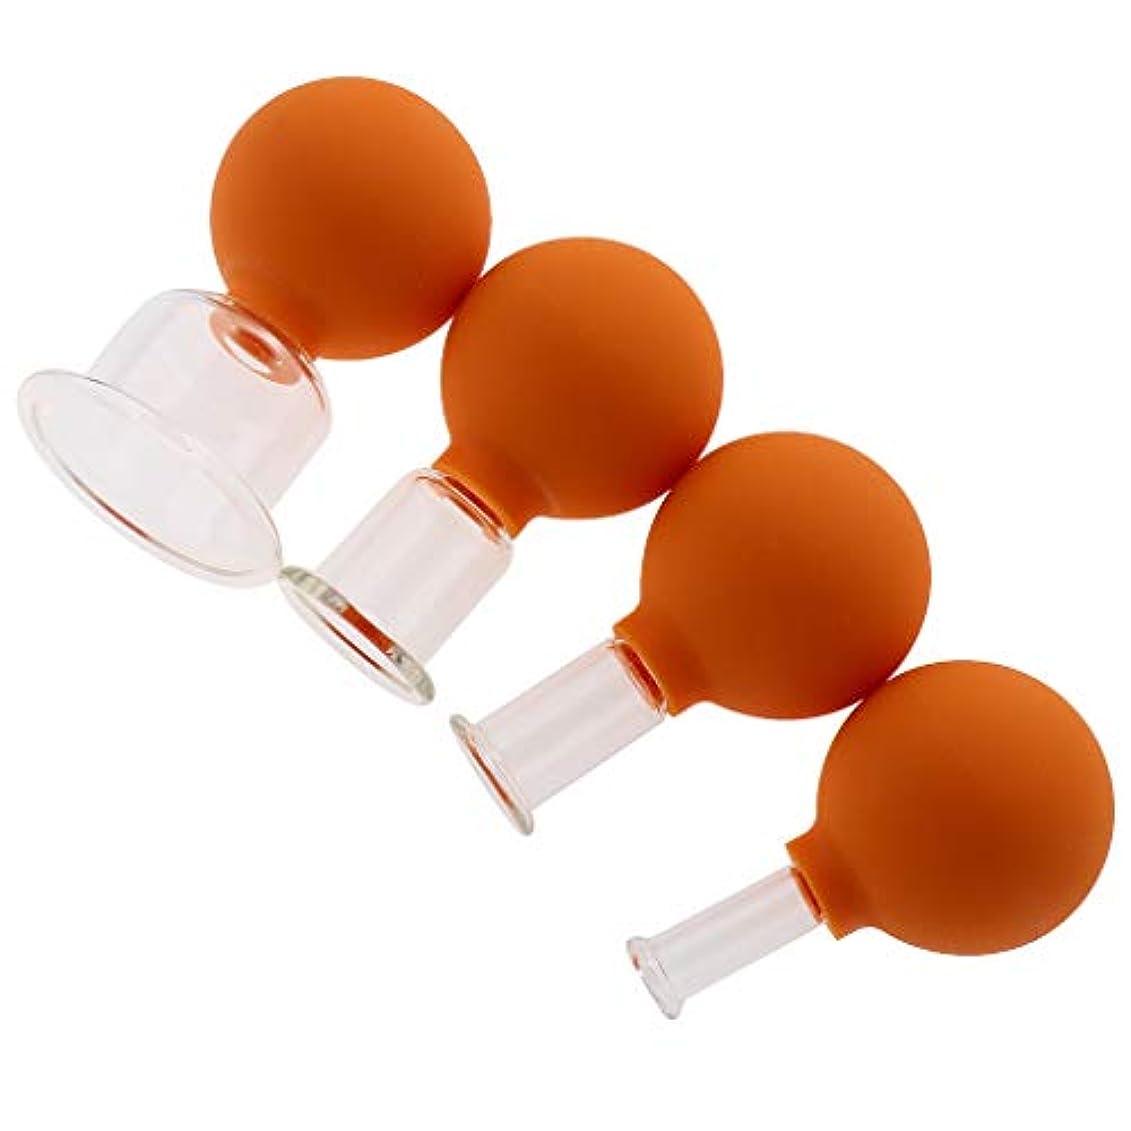 ゲートウェイ受け入れマンモスB Blesiya マッサージカップ 吸い玉 カッピングセット ガラス 真空 全身マッサージ用 男女兼用 4個 全3色 - オレンジ